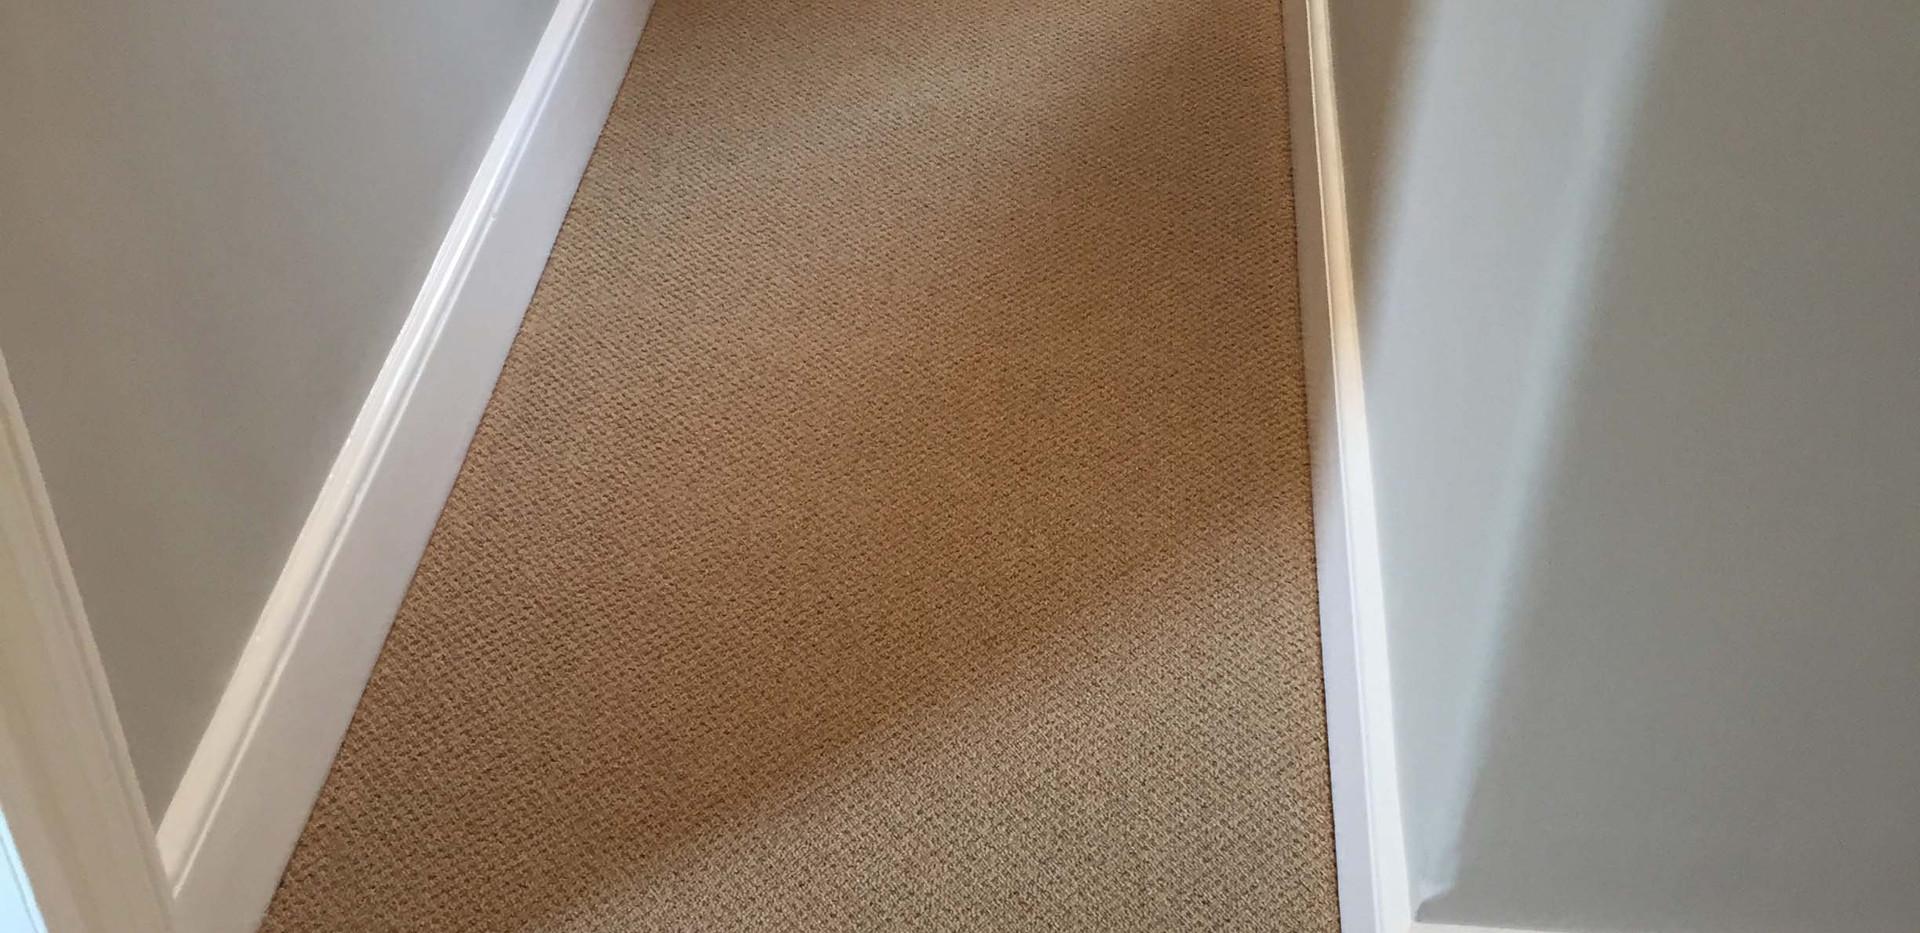 Carpet shop fitters, Carpet Right Owens